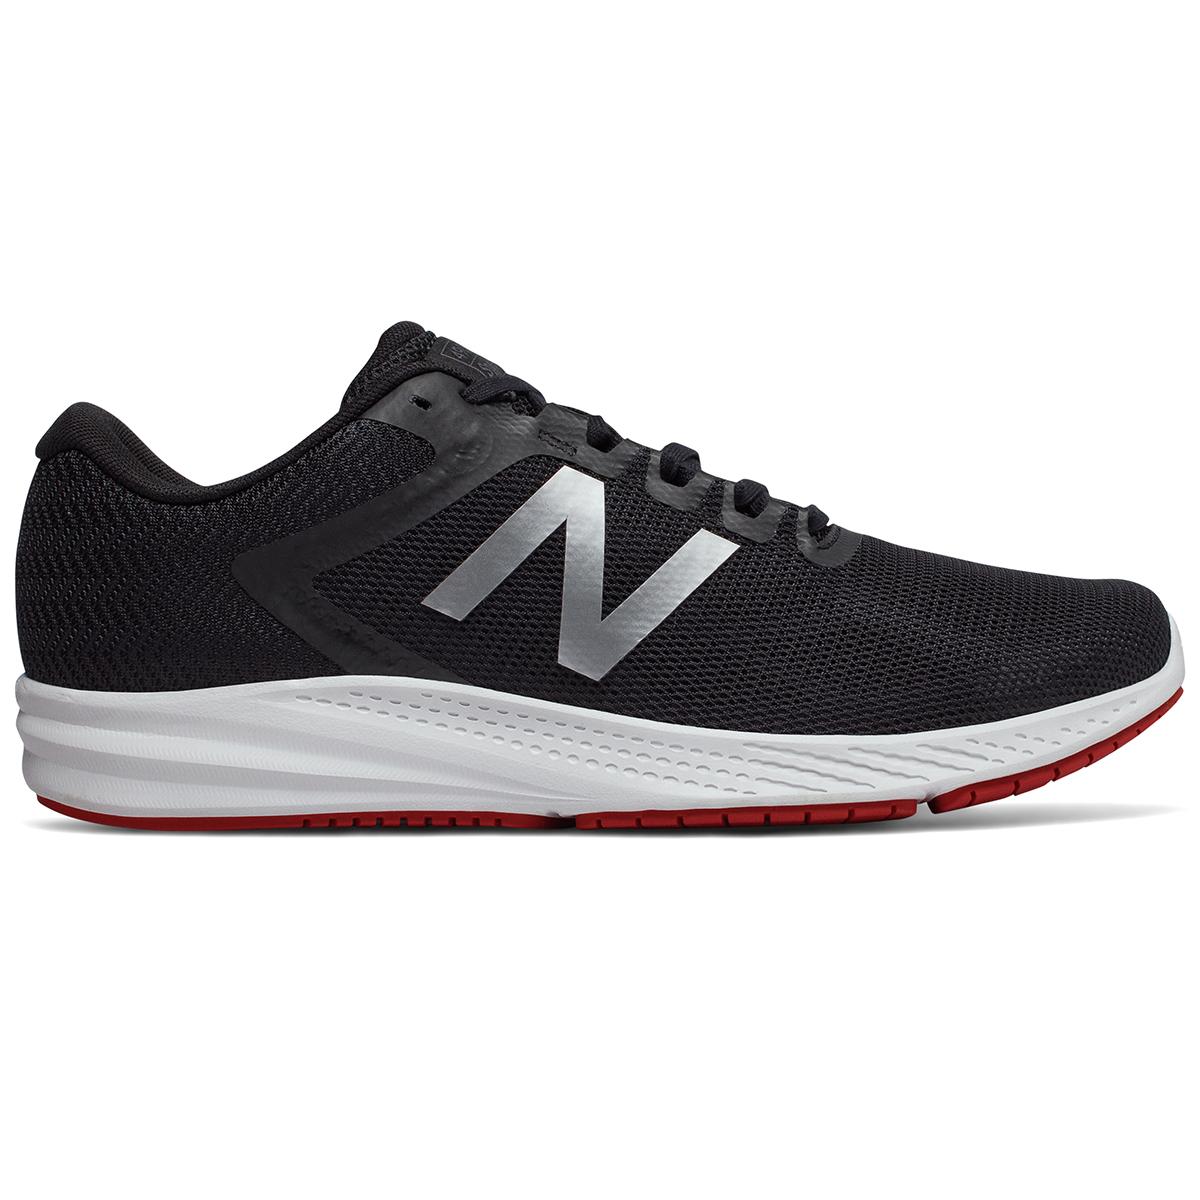 New Balance Men's 490V6 Running Shoes - Black, 13